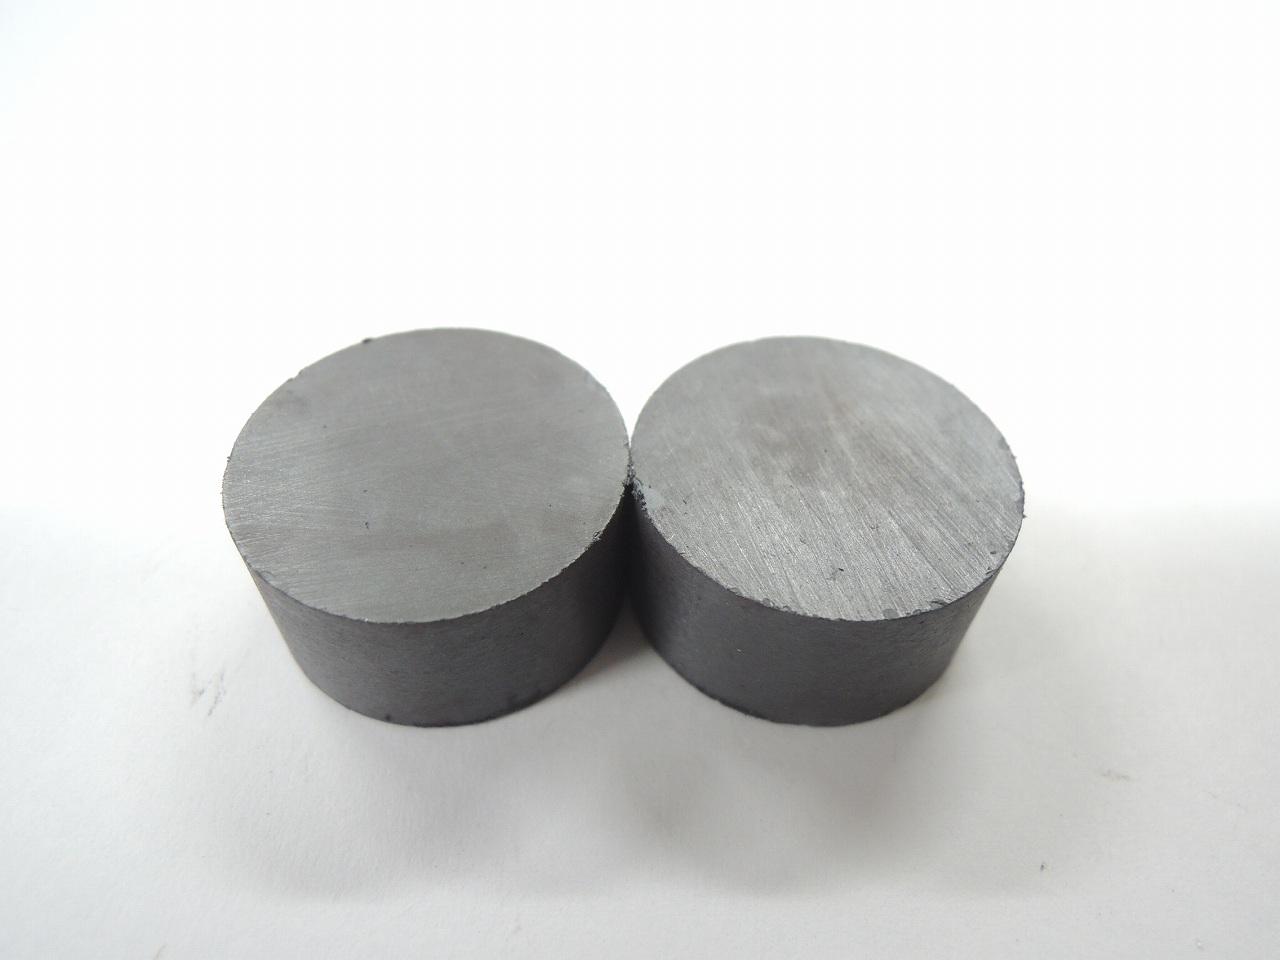 丸型のフェライト磁石です ベスト 丸型強力 マグネット 20×10 17-15 爆買い新作 オープニング 大放出セール 2個入り